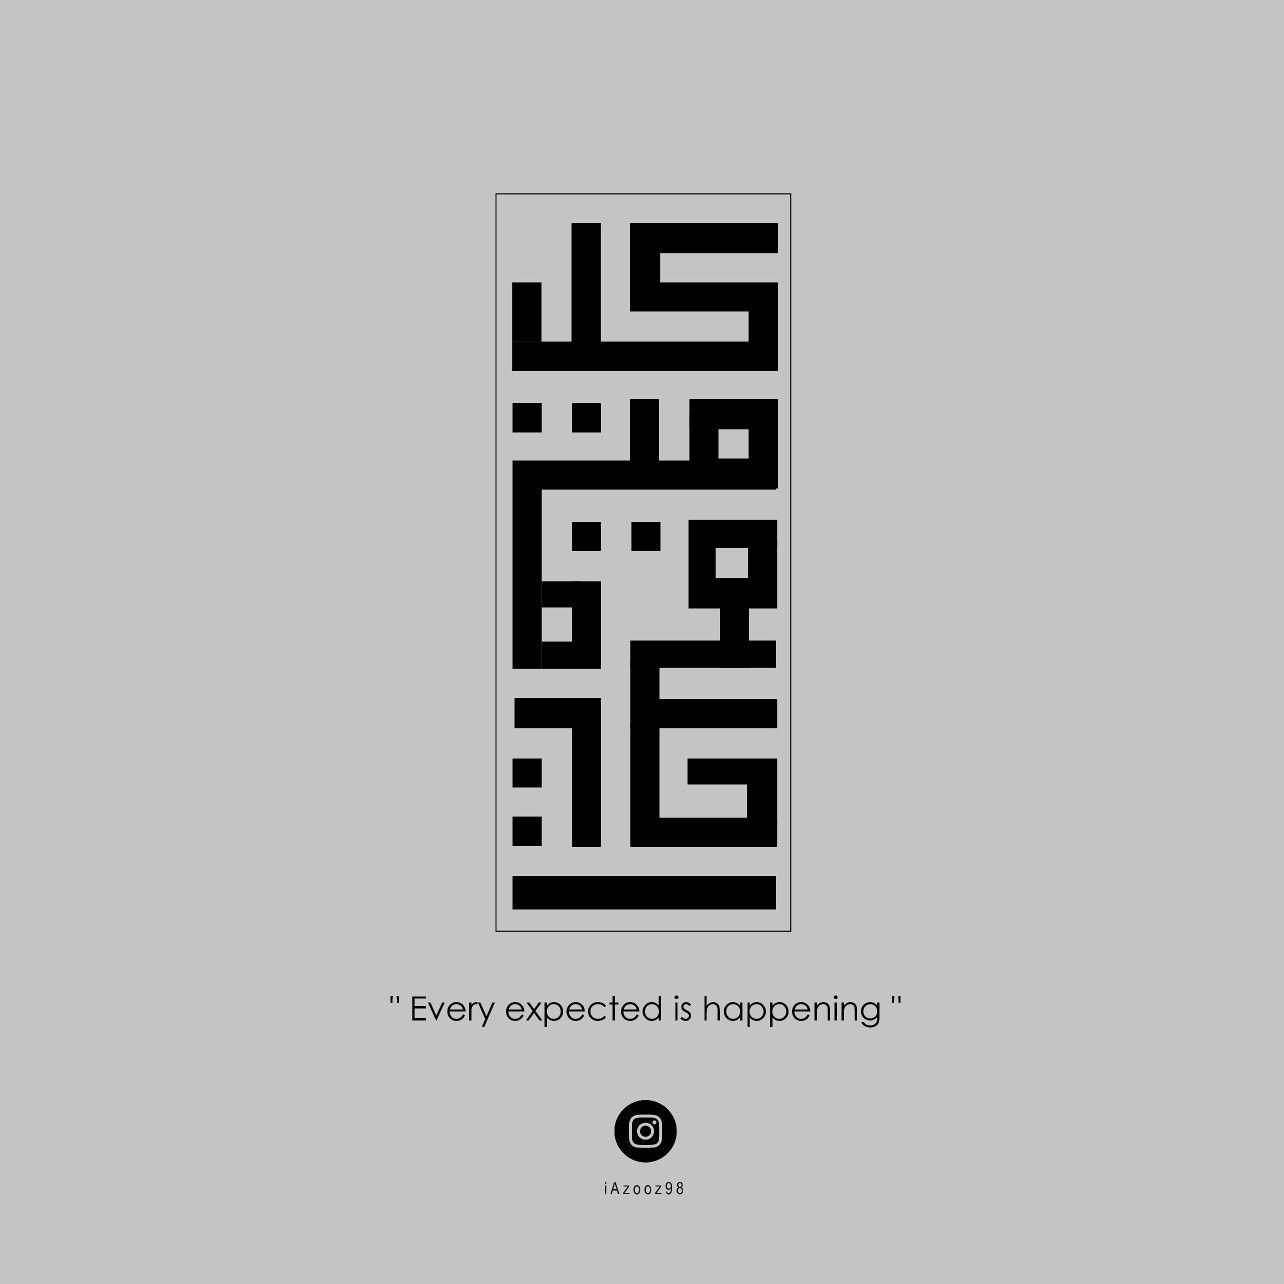 كل متوقع آت Islamic Caligraphy Art Islamic Calligraphy Painting Arabic Calligraphy Tattoo